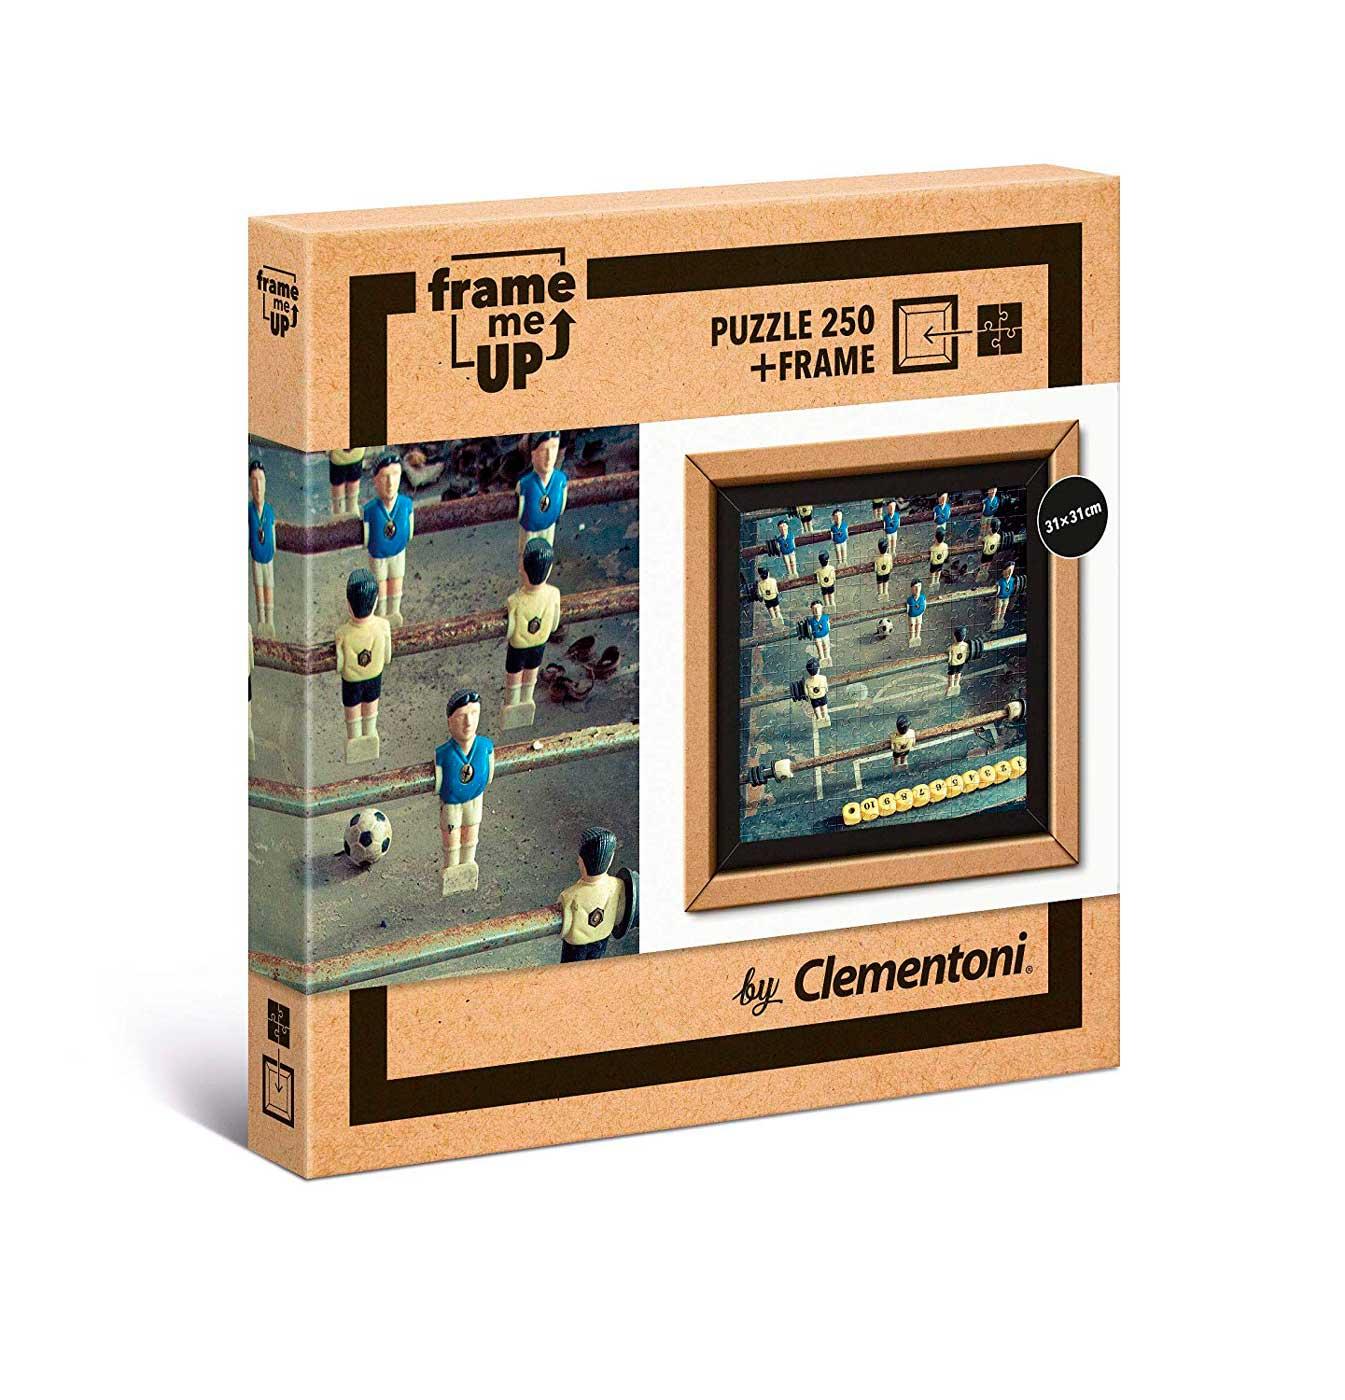 Puzzle Clementoni Frame Me Up Futbolín Vintage de 250 Pzs